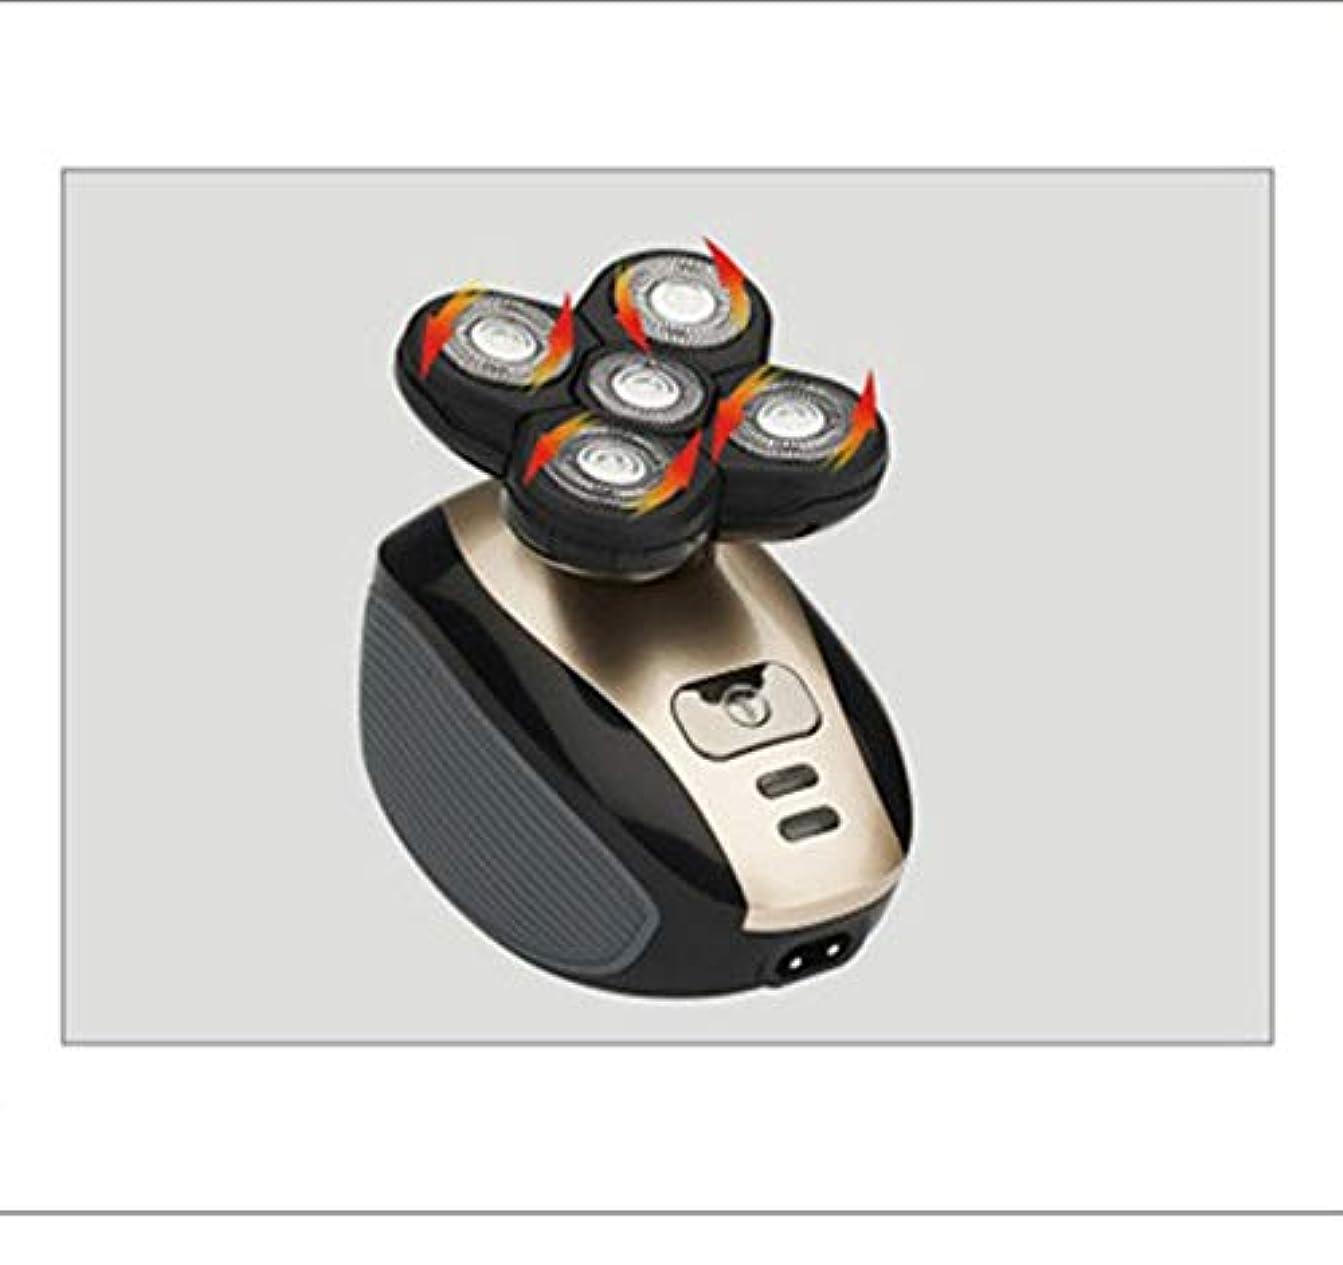 拡張スピリチュアル宿泊電気かみそり、5つのフローティングヘッドを持つ男性用の1つの充電式USB防水5Dロータリーシェーバートリマーグルーミングキット、5人用男性用鼻毛トリマーフェイシャルシェーバードライおよびウェットグルー